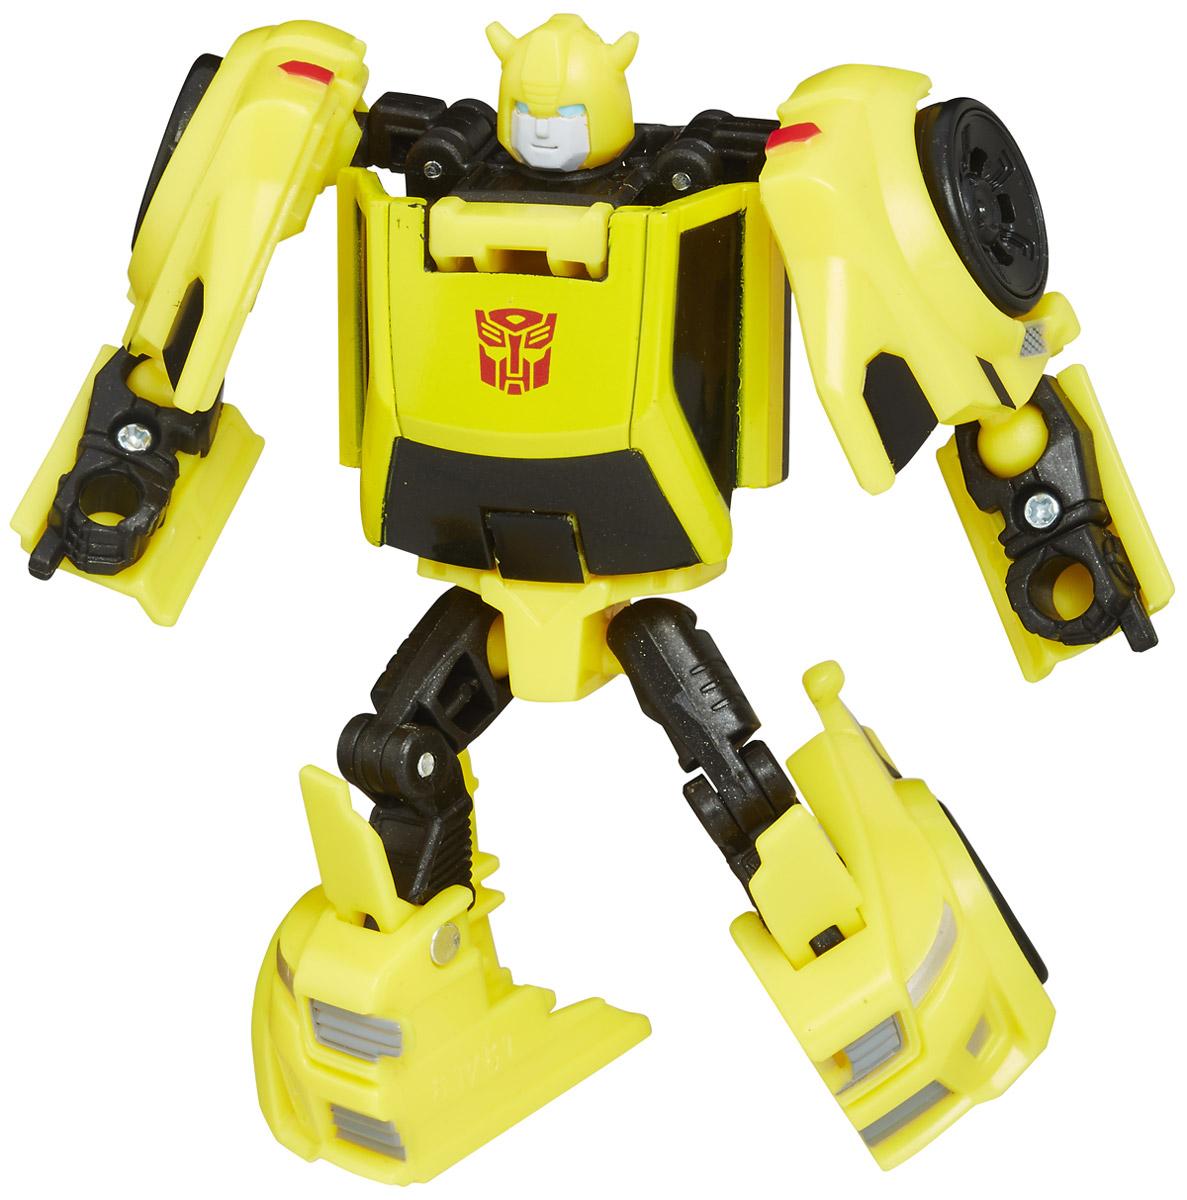 Transformers Трансформер Bumblebee цвет желтыйB0284_C7771Трансформер Transformers Bumblebee обязательно понравится всем маленьким поклонникам знаменитых Трансформеров! Фигурка выполнена из прочного пластика. В несколько простых шагов малыш сможет трансформировать фигурку робота в быструю машинку и обратно. Фигурка отличается высокой степенью детализации. Ребенок с удовольствием будет играть с трансформером, придумывая различные истории. Порадуйте его таким замечательным подарком! В комплекте карта персонажа с техническими характеристиками.